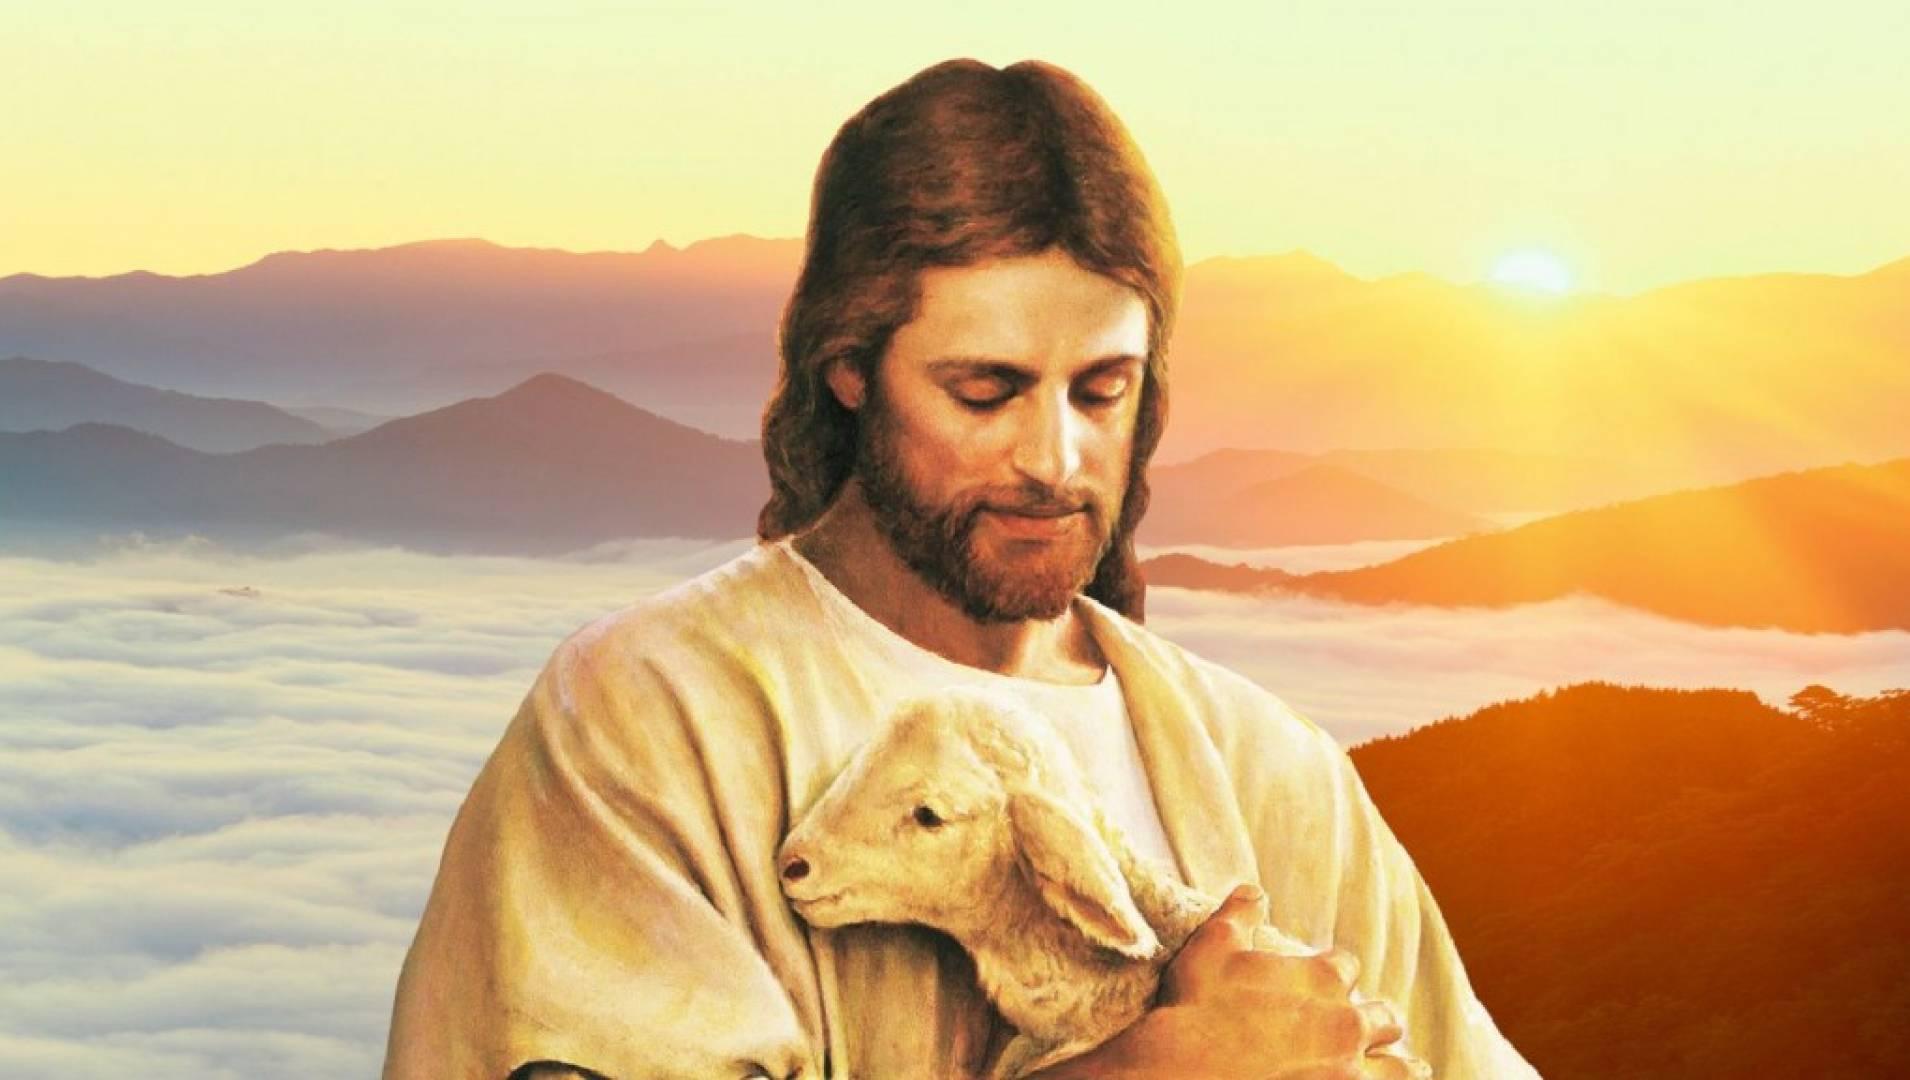 Иисус. Земной путь - Документальный фильм